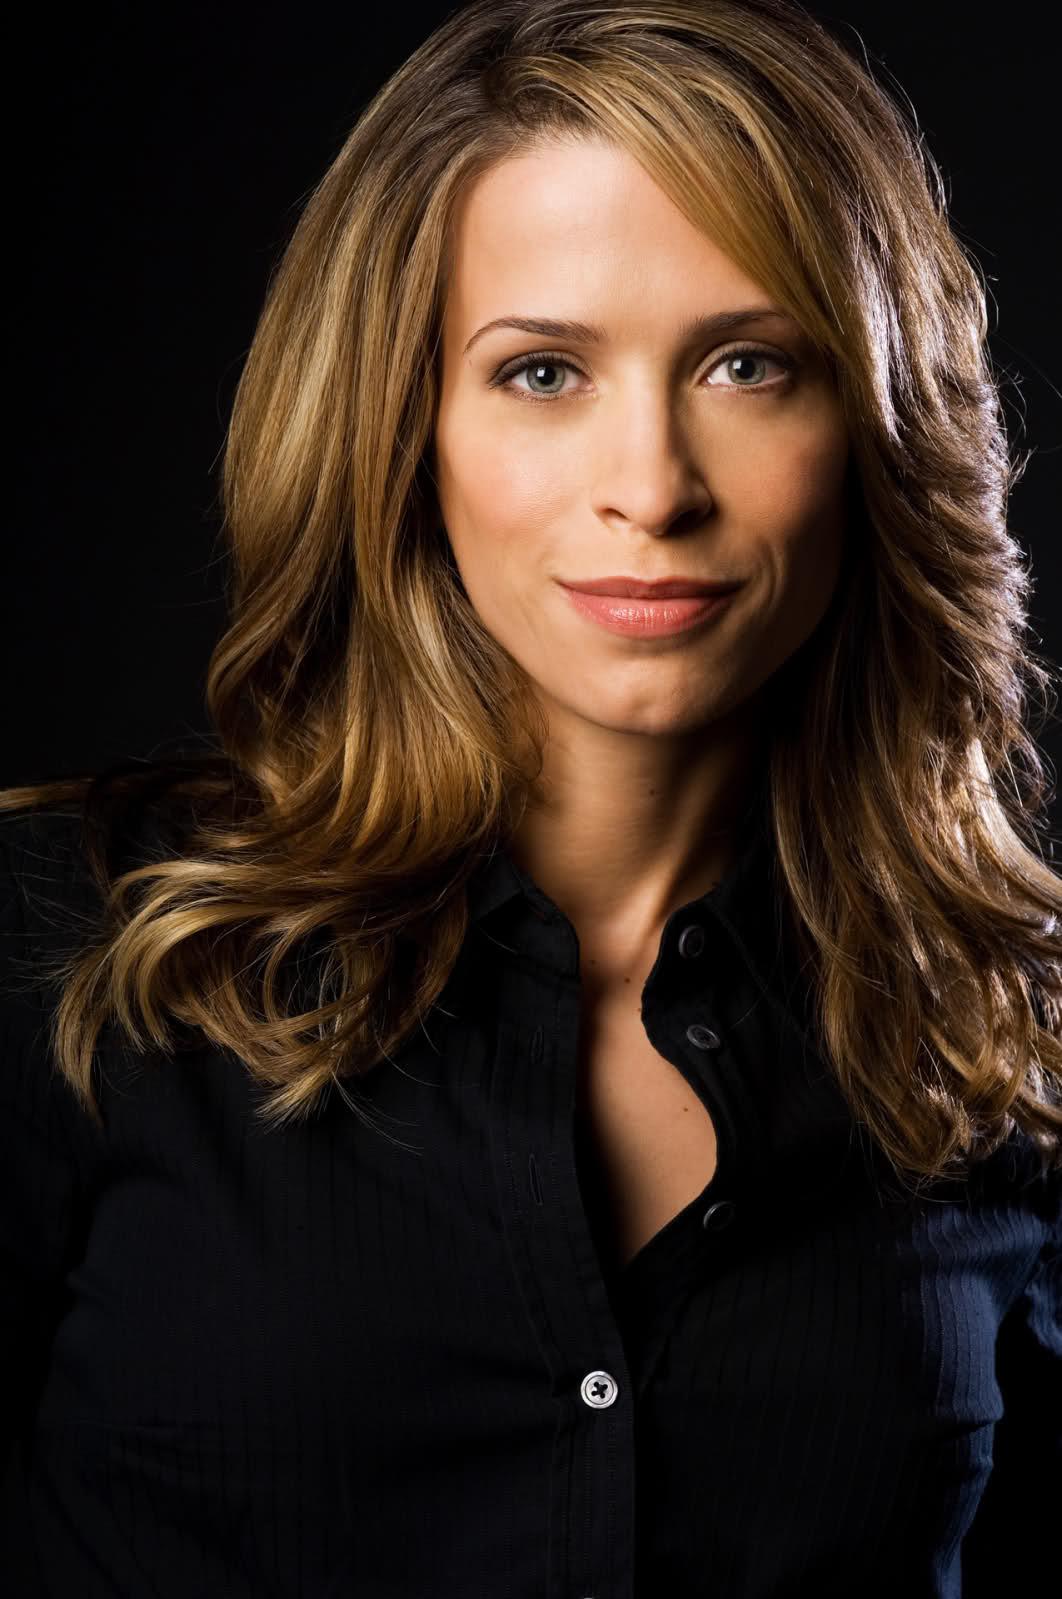 Christina Cox beautiful